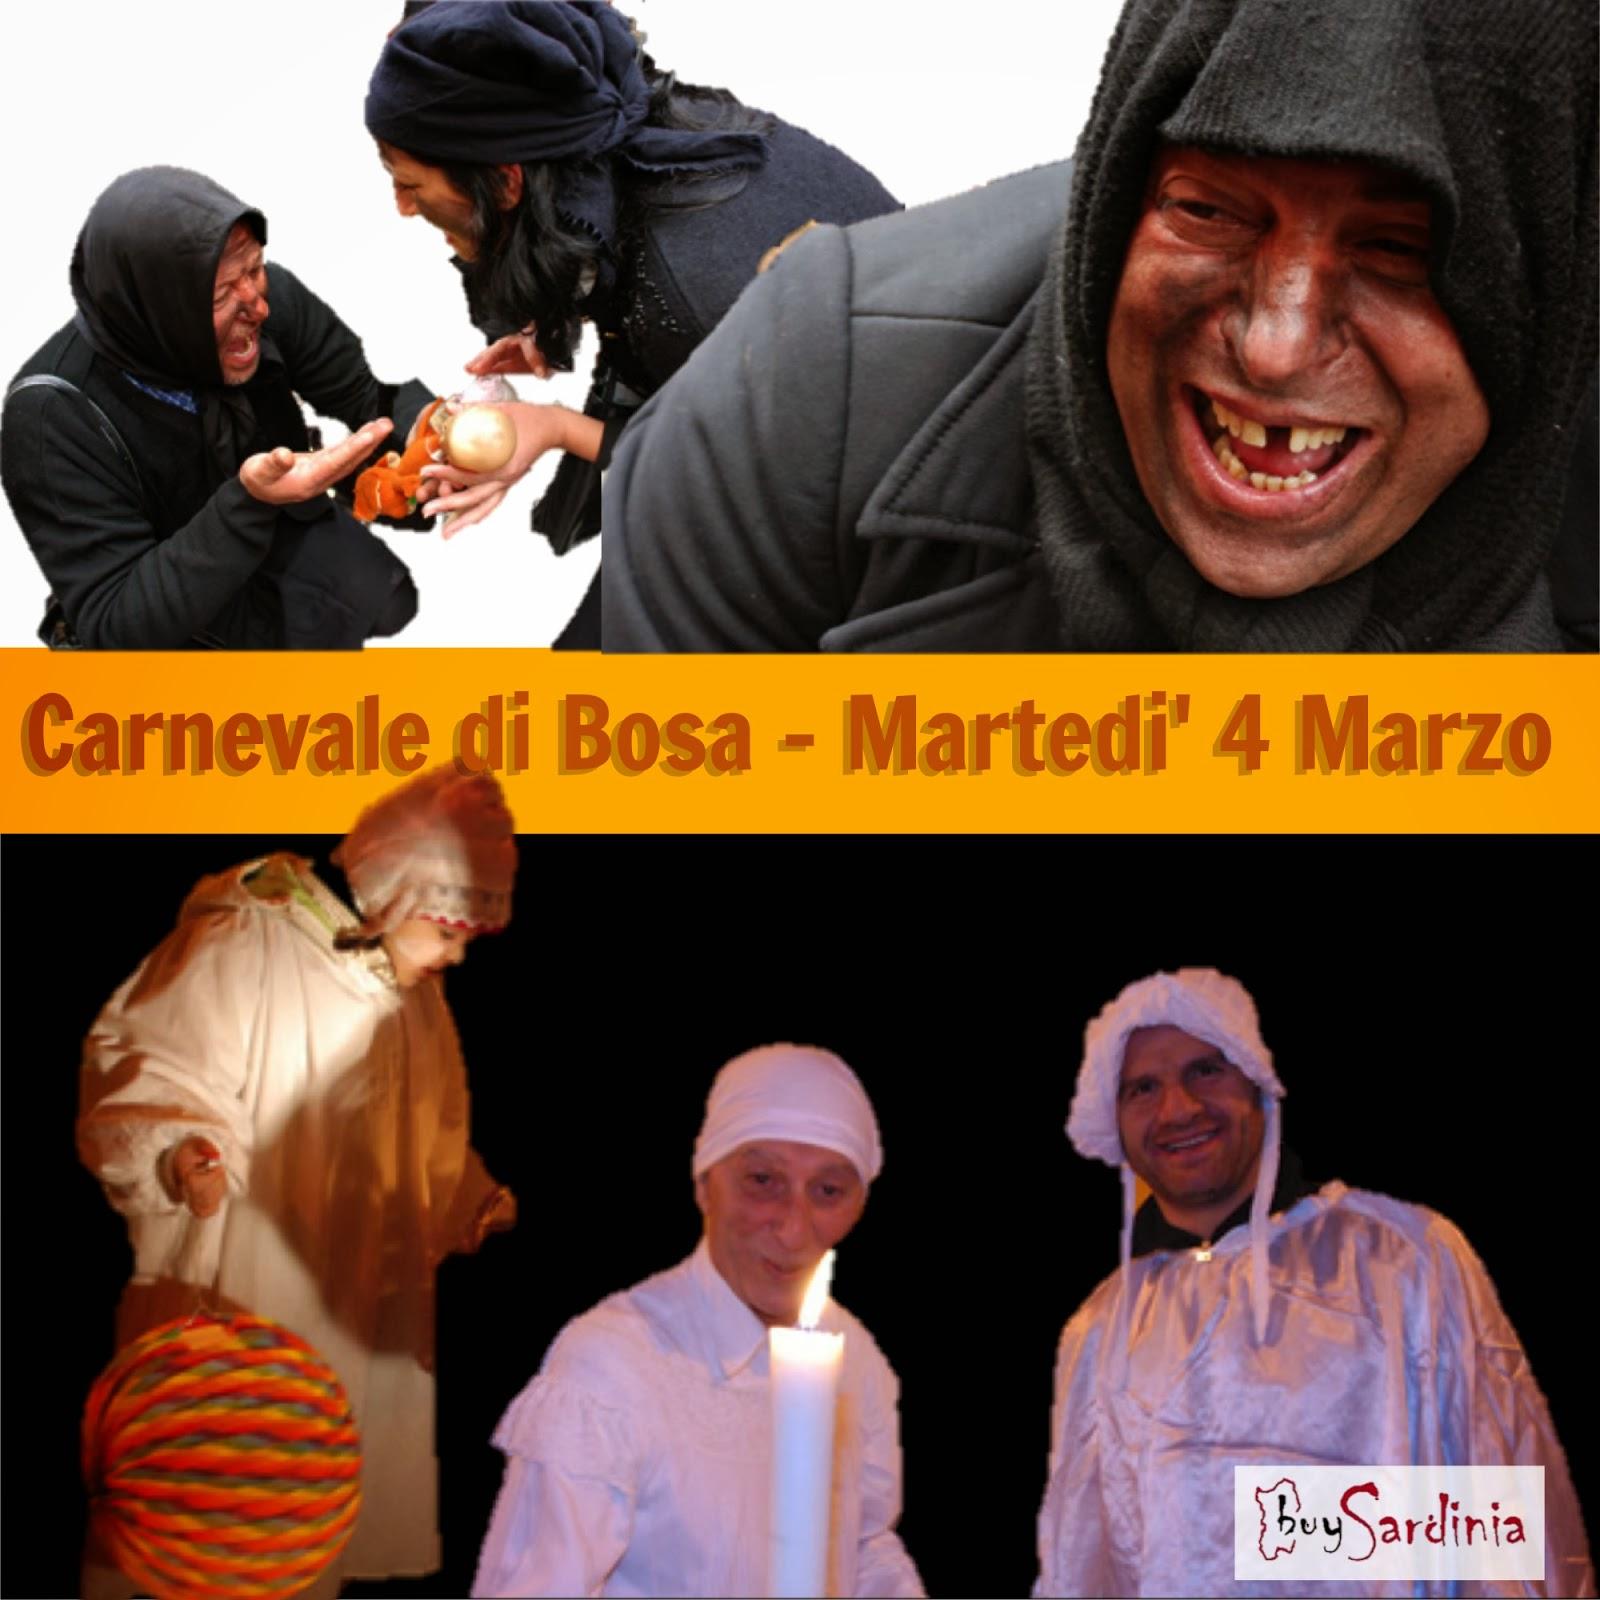 Carnevale di Bosa